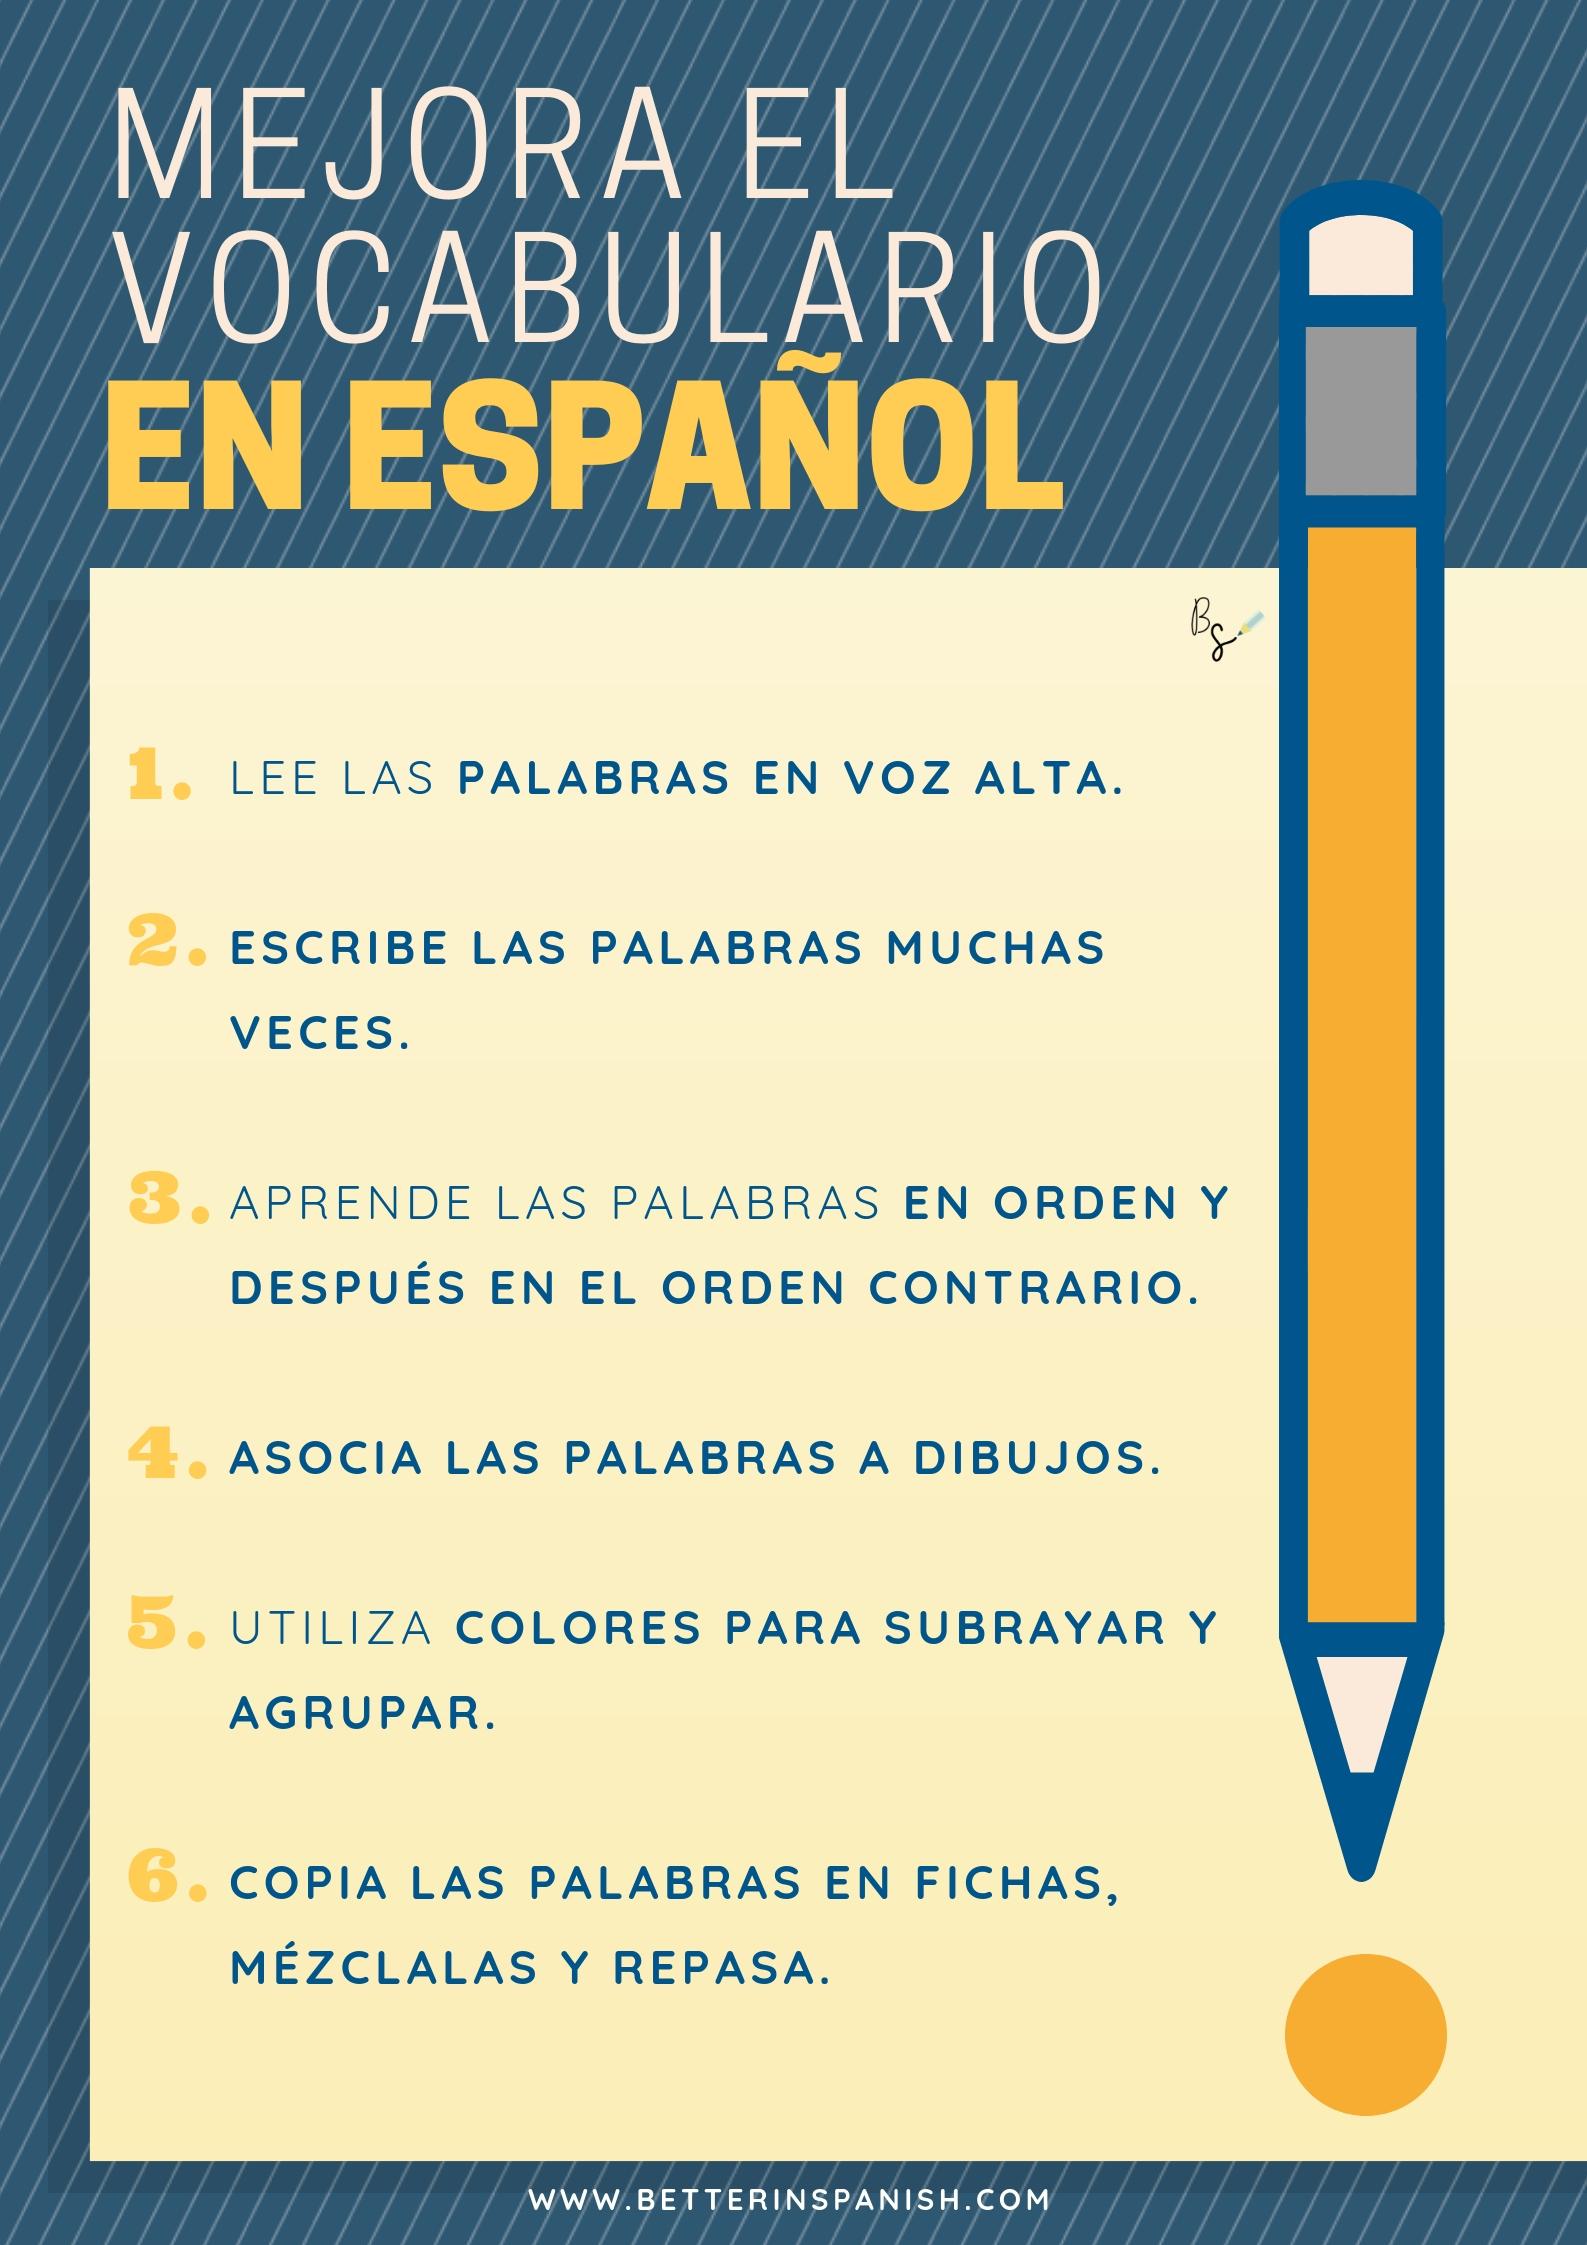 Mejora el vocabulario en español